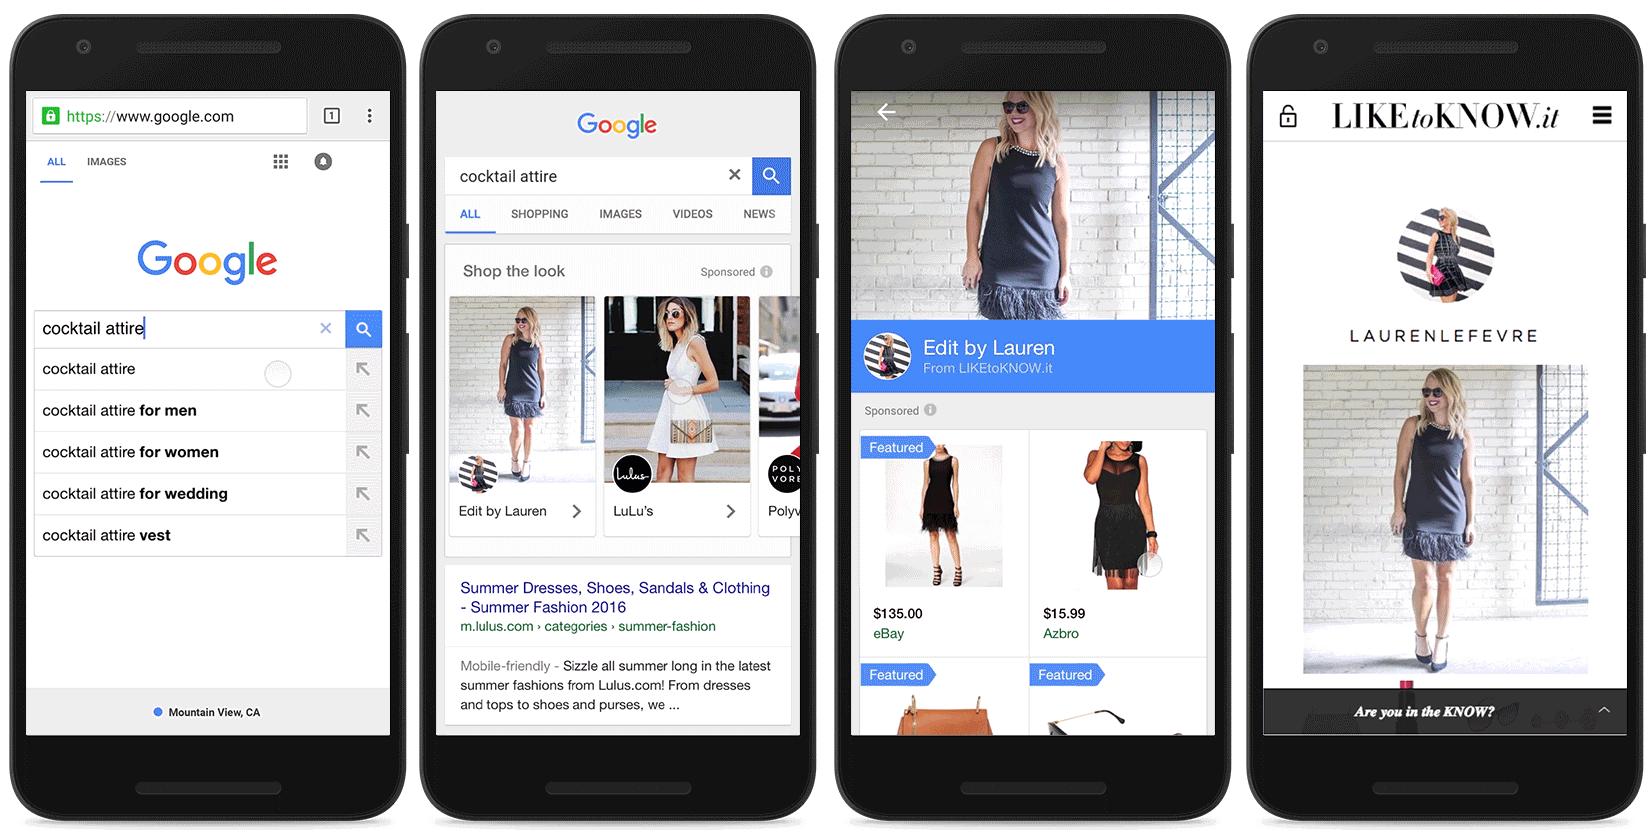 Nové formáty nákupných kampaní - Shop the look a showcase ads